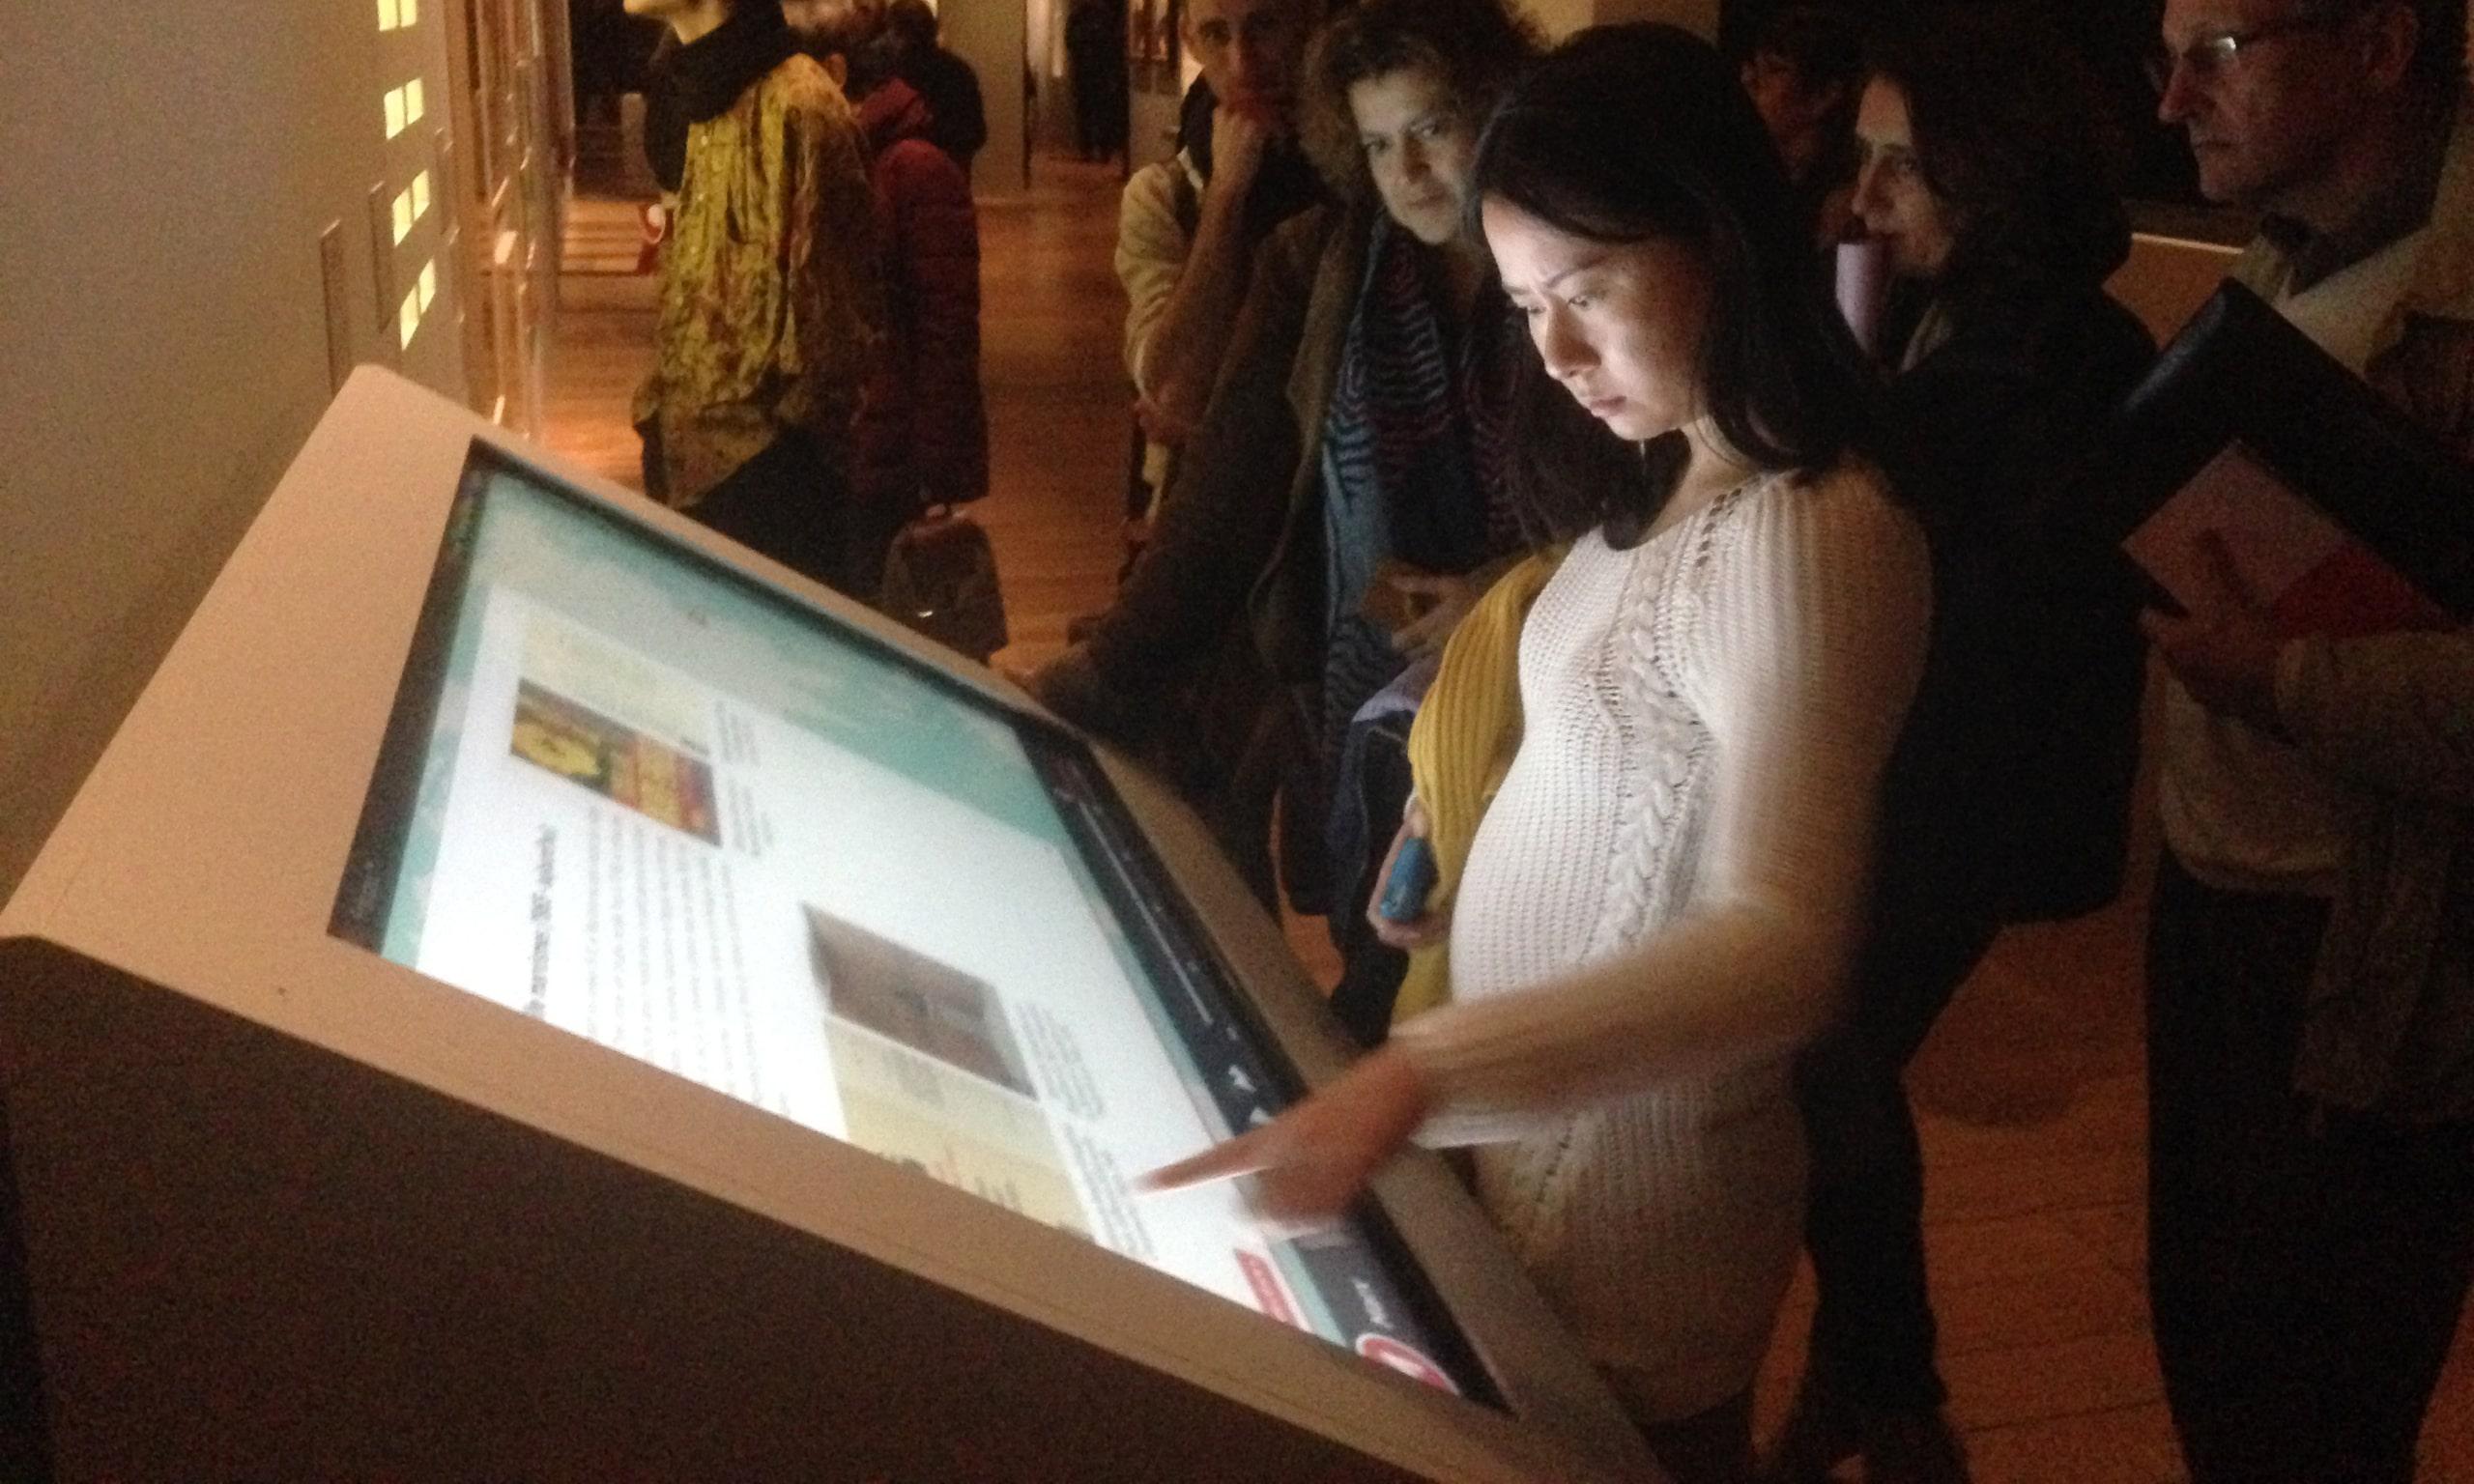 Dispositif interactif Les routes de la traduction au MuCEM